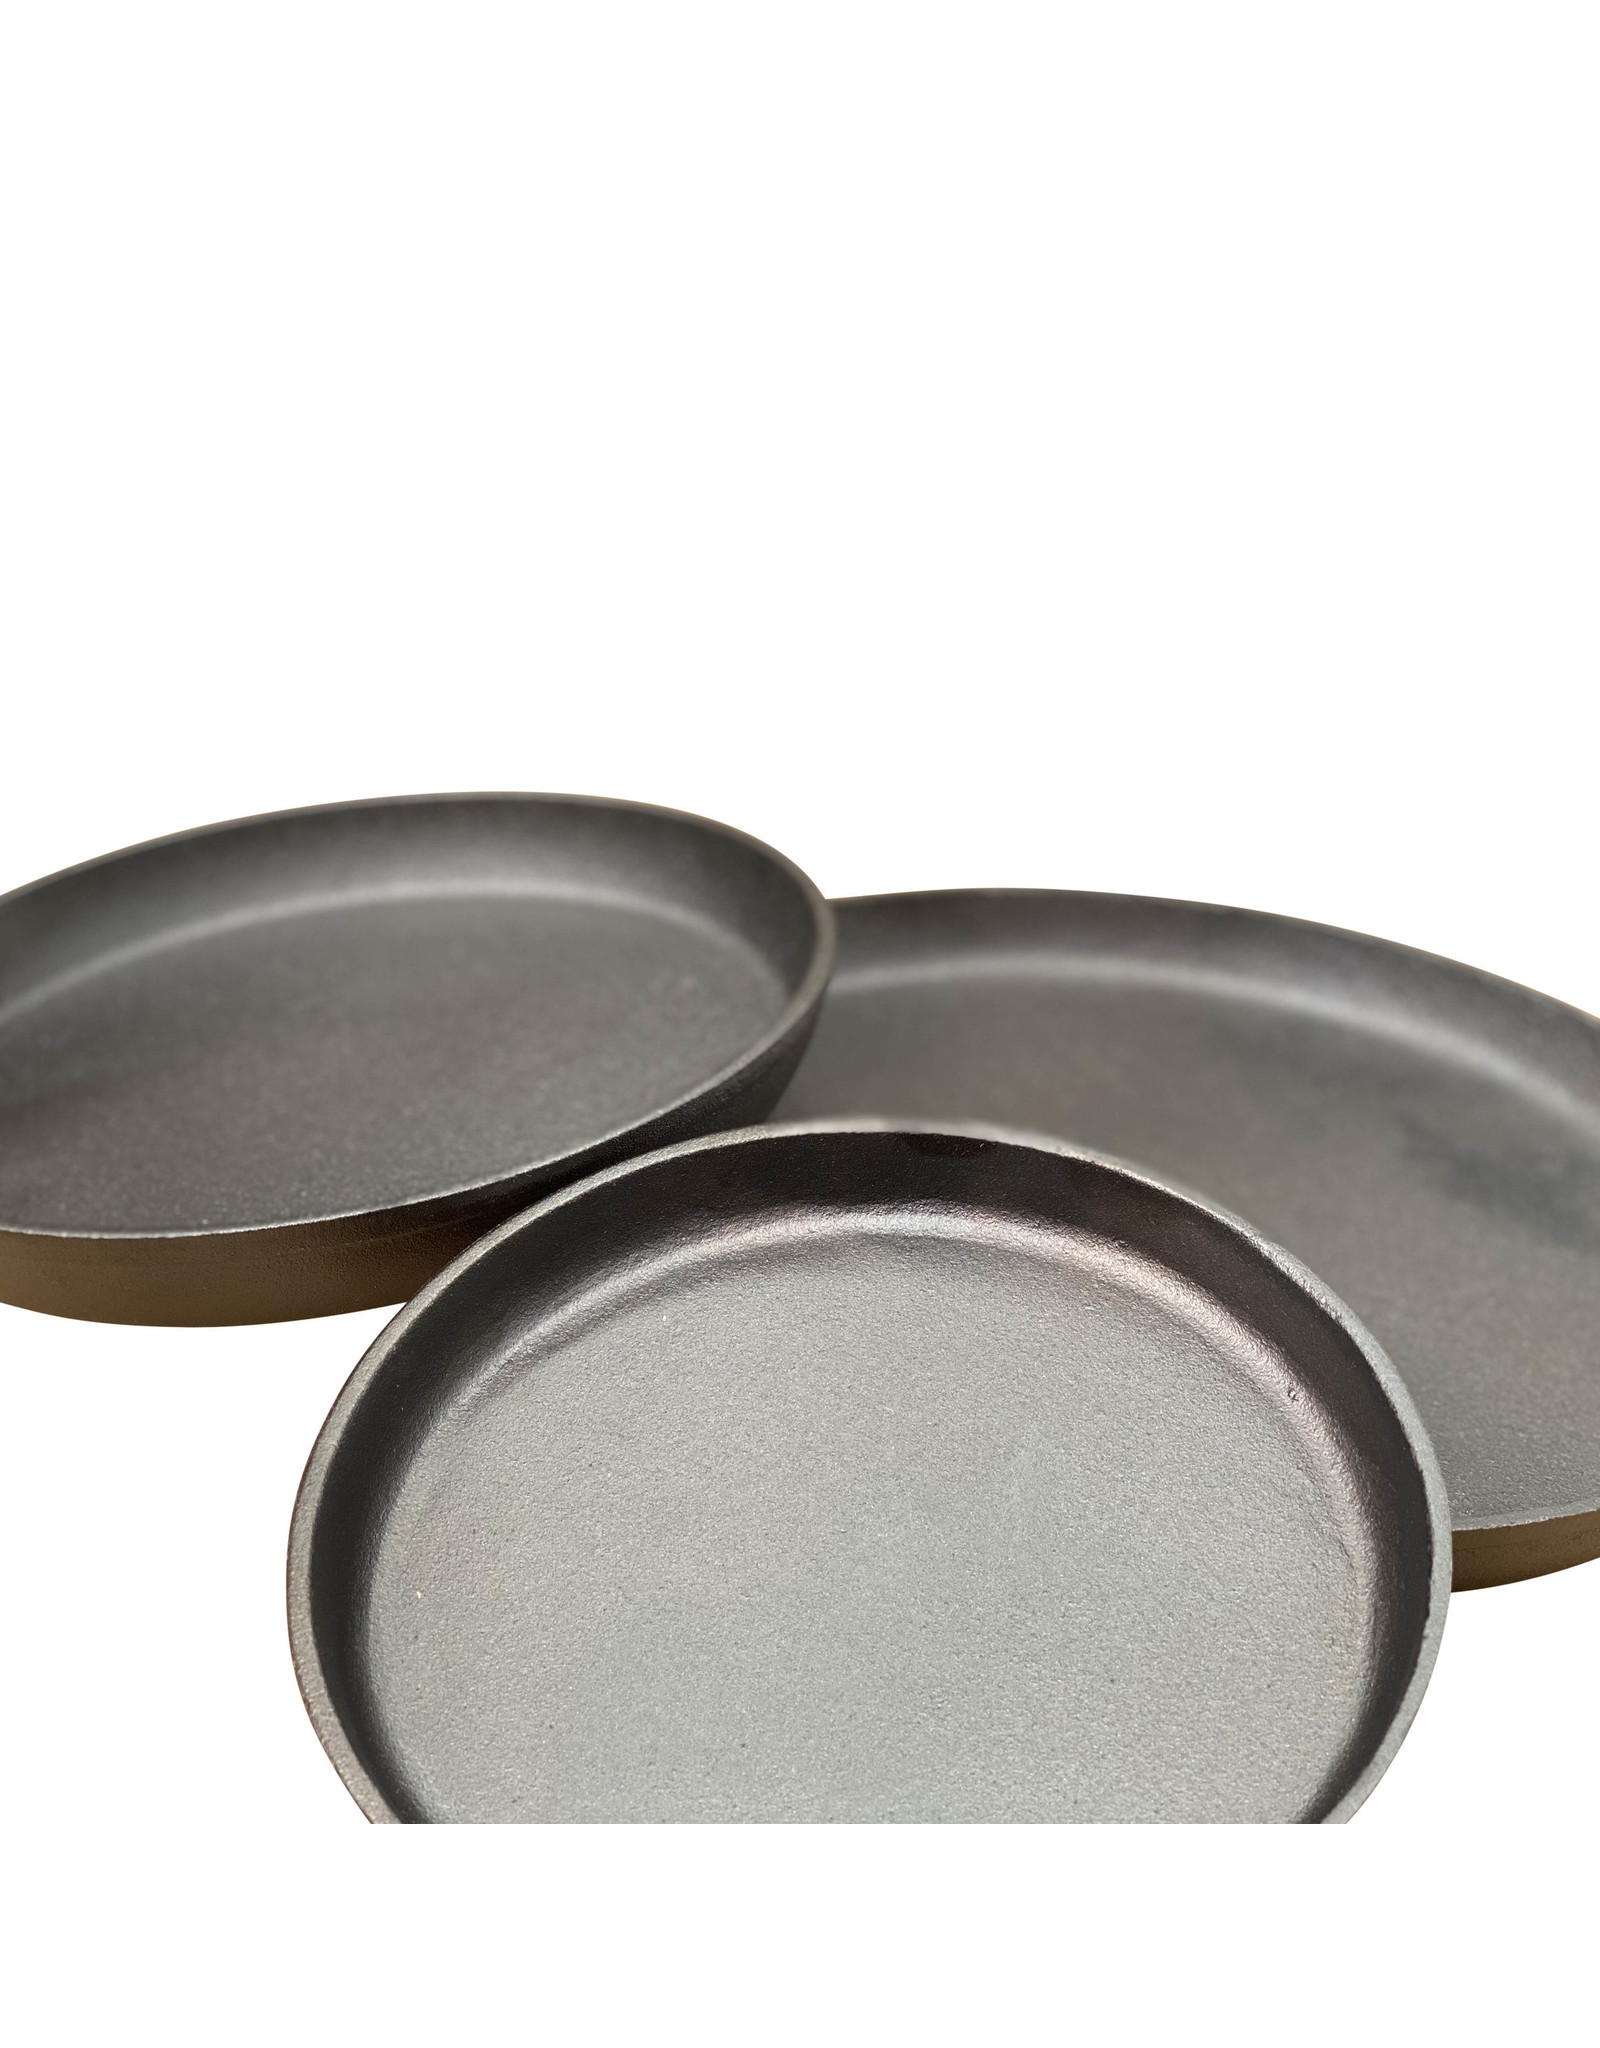 Keij Kamado® Set gietijzeren ronde steakplaten met losse handle - 20,5, 25 en 32 cm